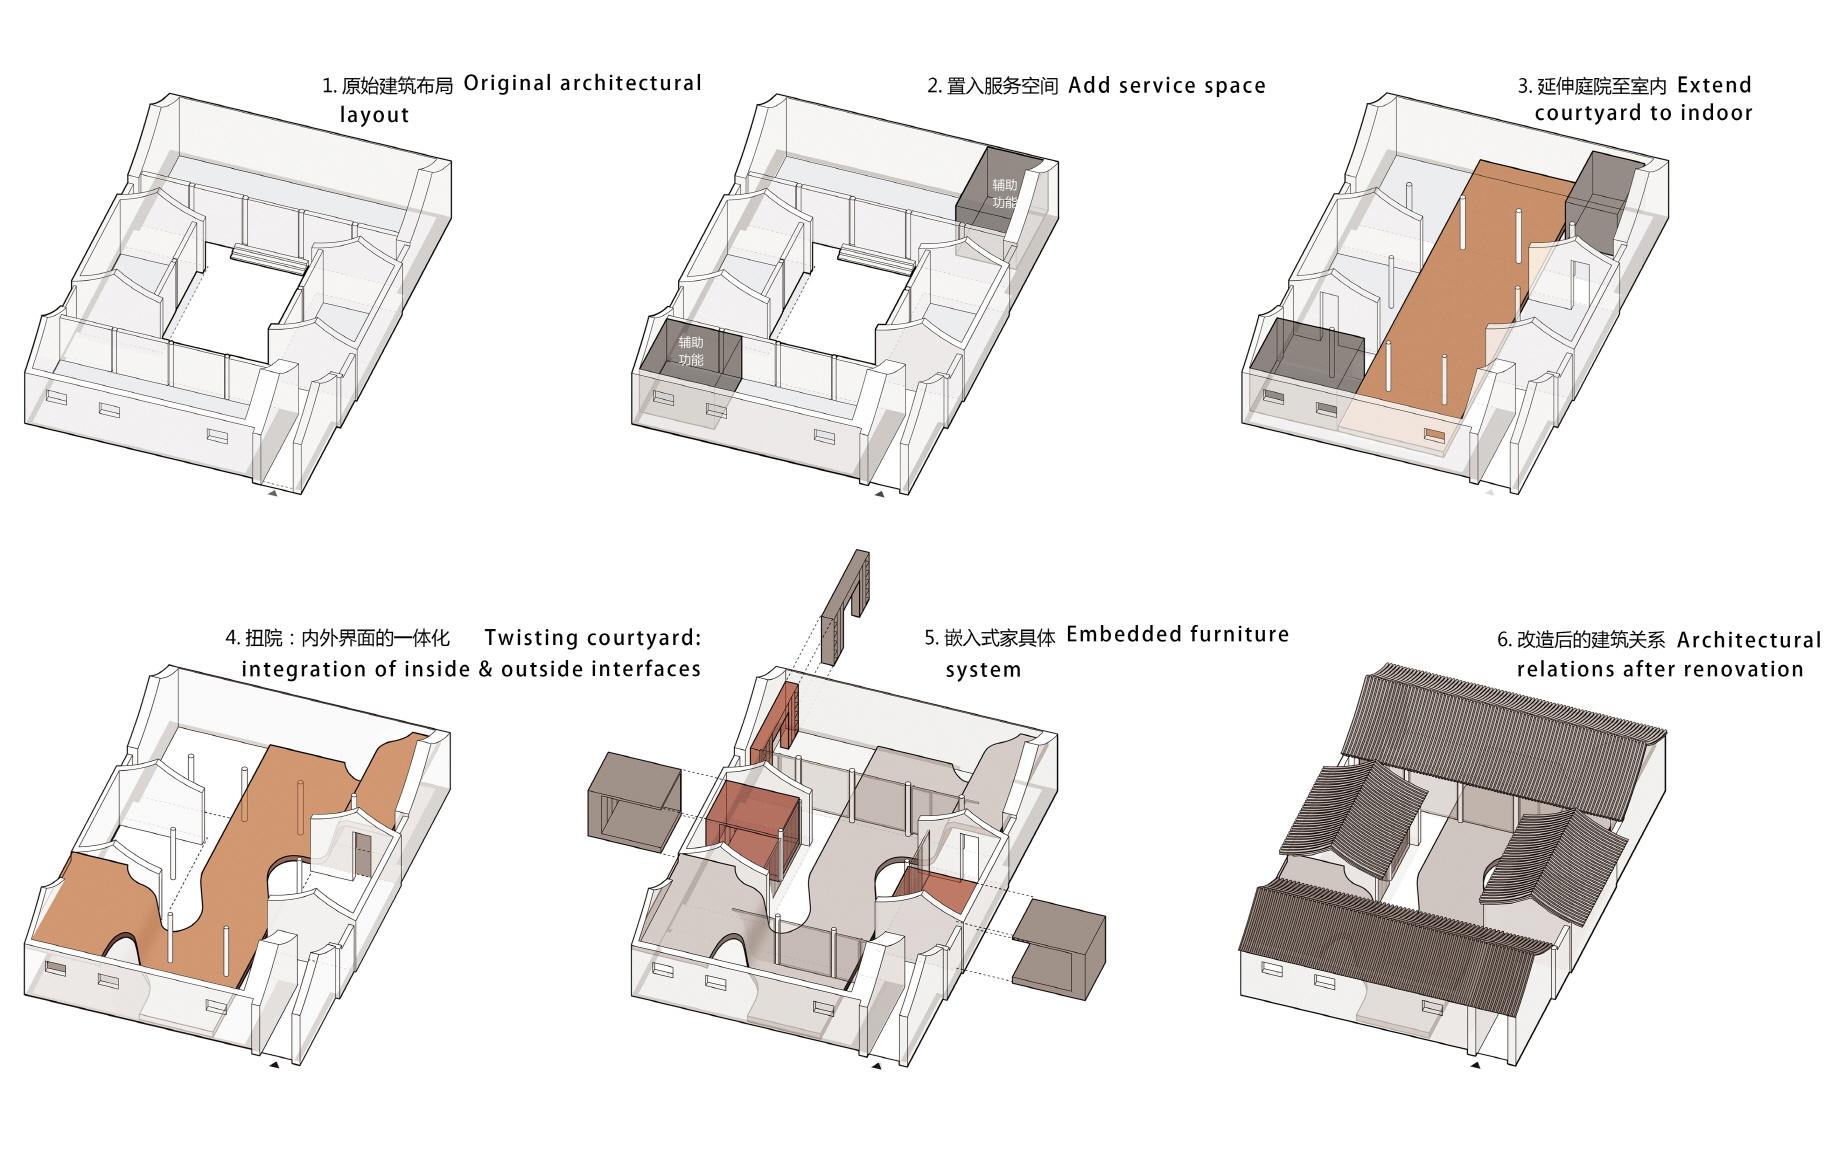 〔안정원의 디자인 칼럼〕 뒤틀린 중정에 바닥과 벽, 지붕으로 이어지는 연속된 코트야드 2